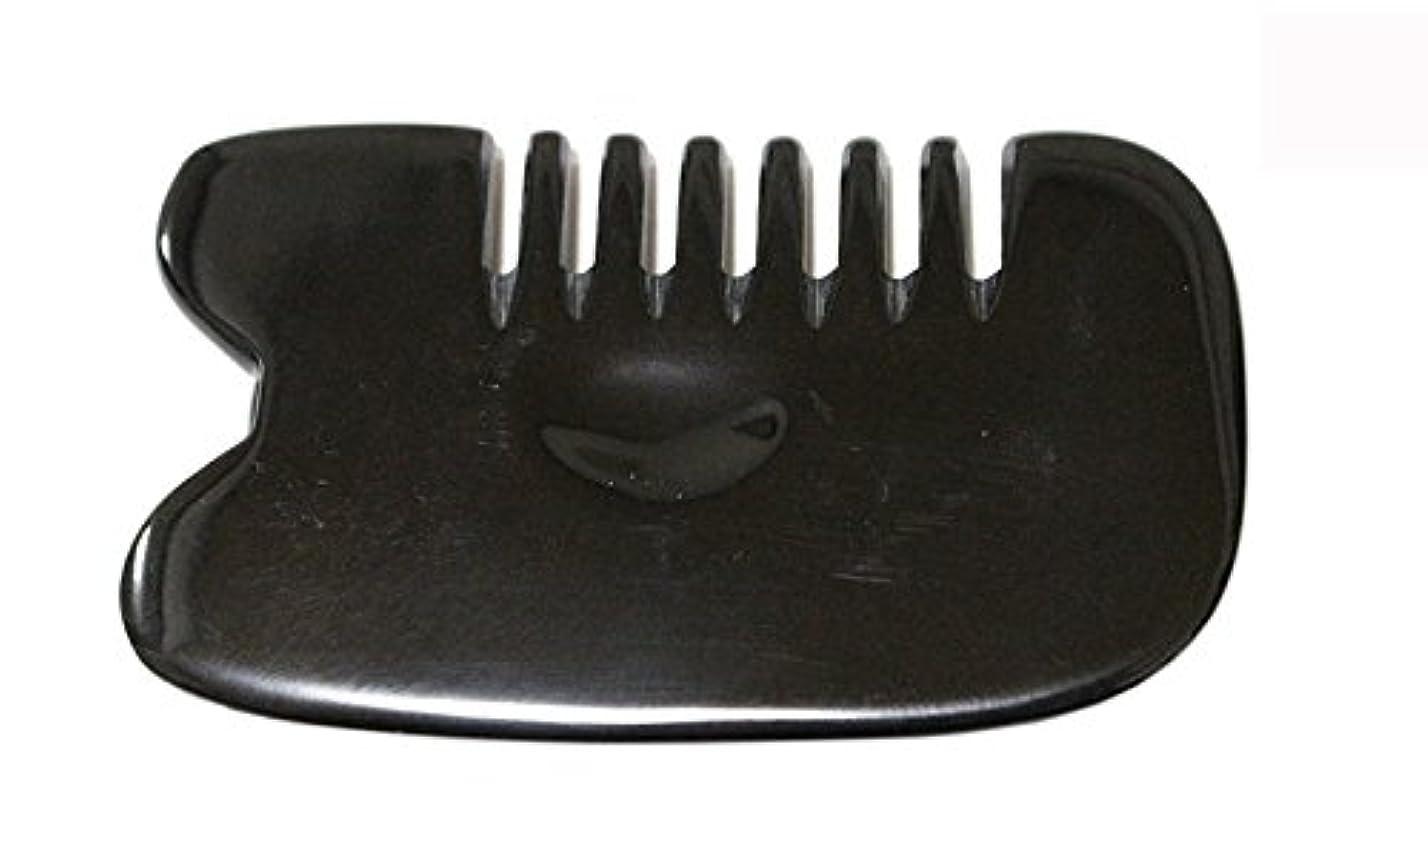 予約因子生態学LaLa Mart 100% 天然牛の角 美顔用かっさ板 カッサプレート 特厚 櫛型 美容 マッサージ カッサ板 指圧代行器 水牛の角 血行促進冷え症改善